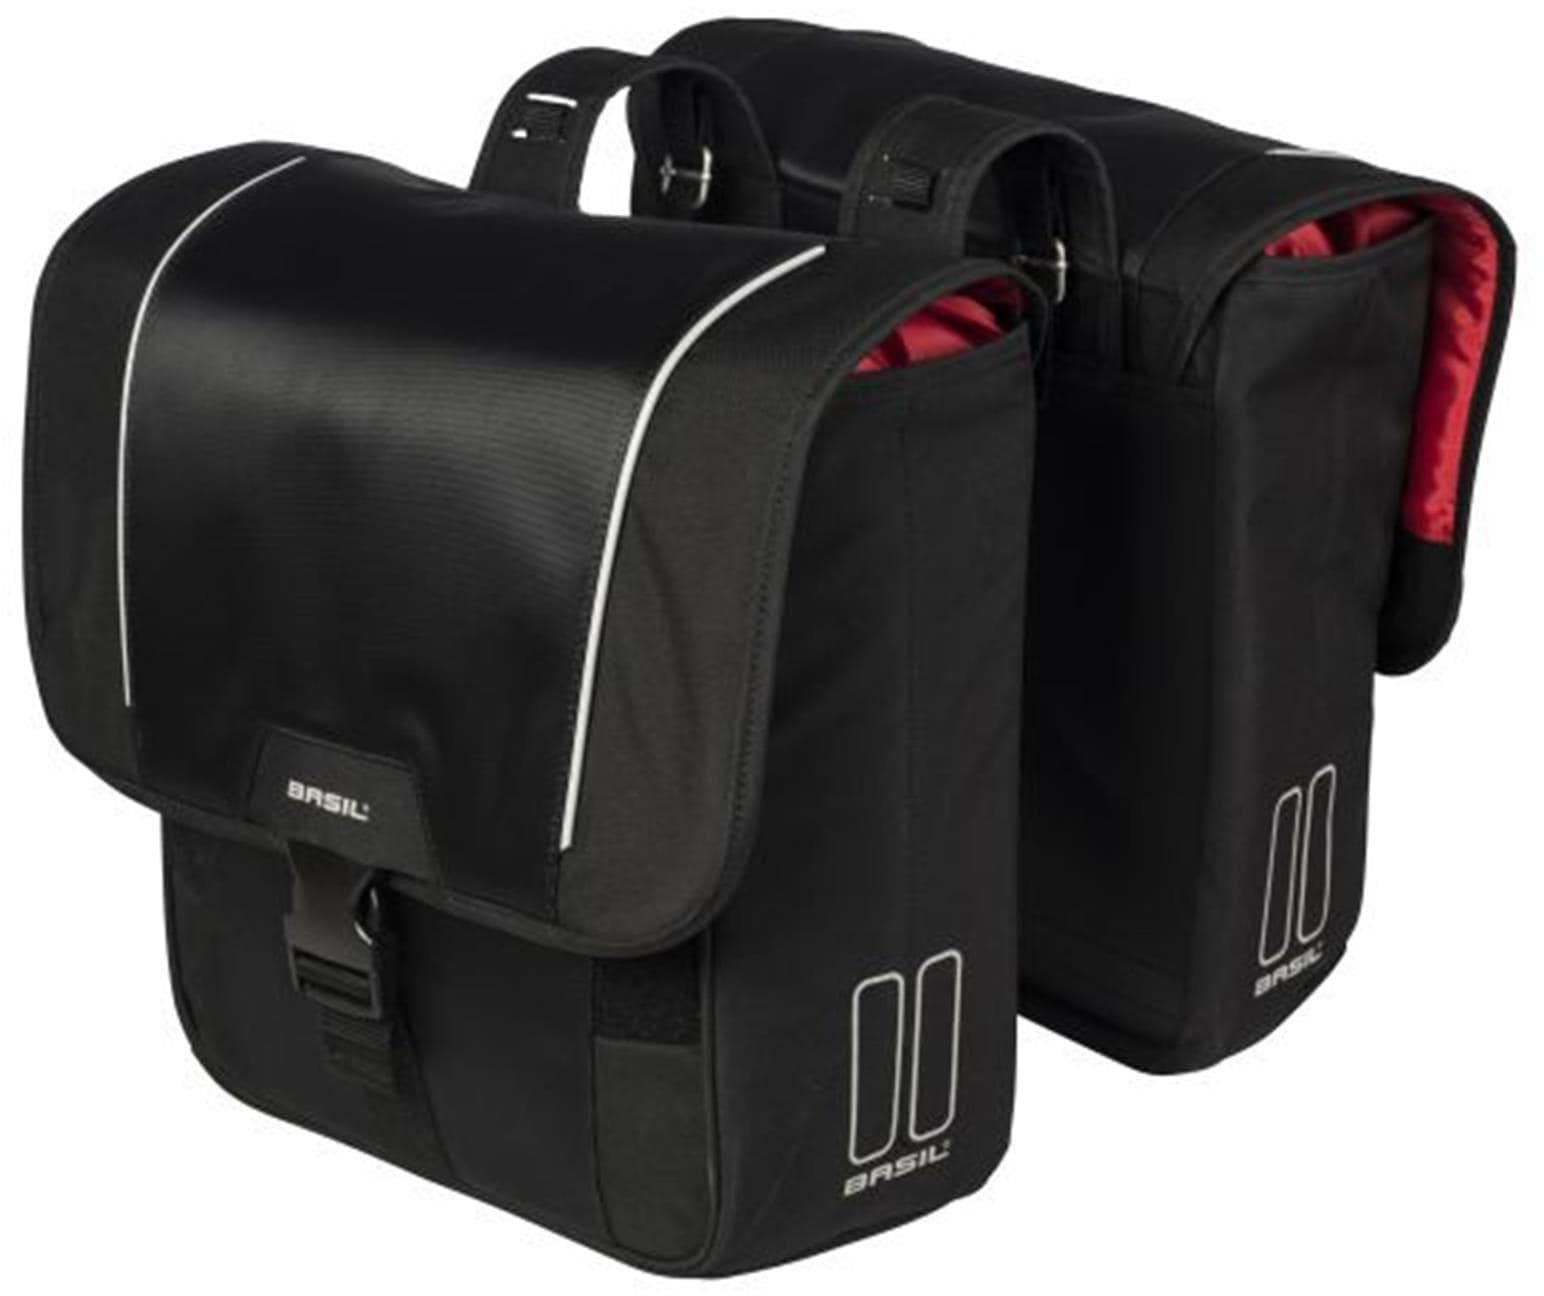 Basil Gepäckträgertasche Sport Design Technik & Freizeit/Sport & Freizeit/Fahrräder & Zubehör/Fahrradzubehör/Fahrradtaschen/Gepäckträgertaschen